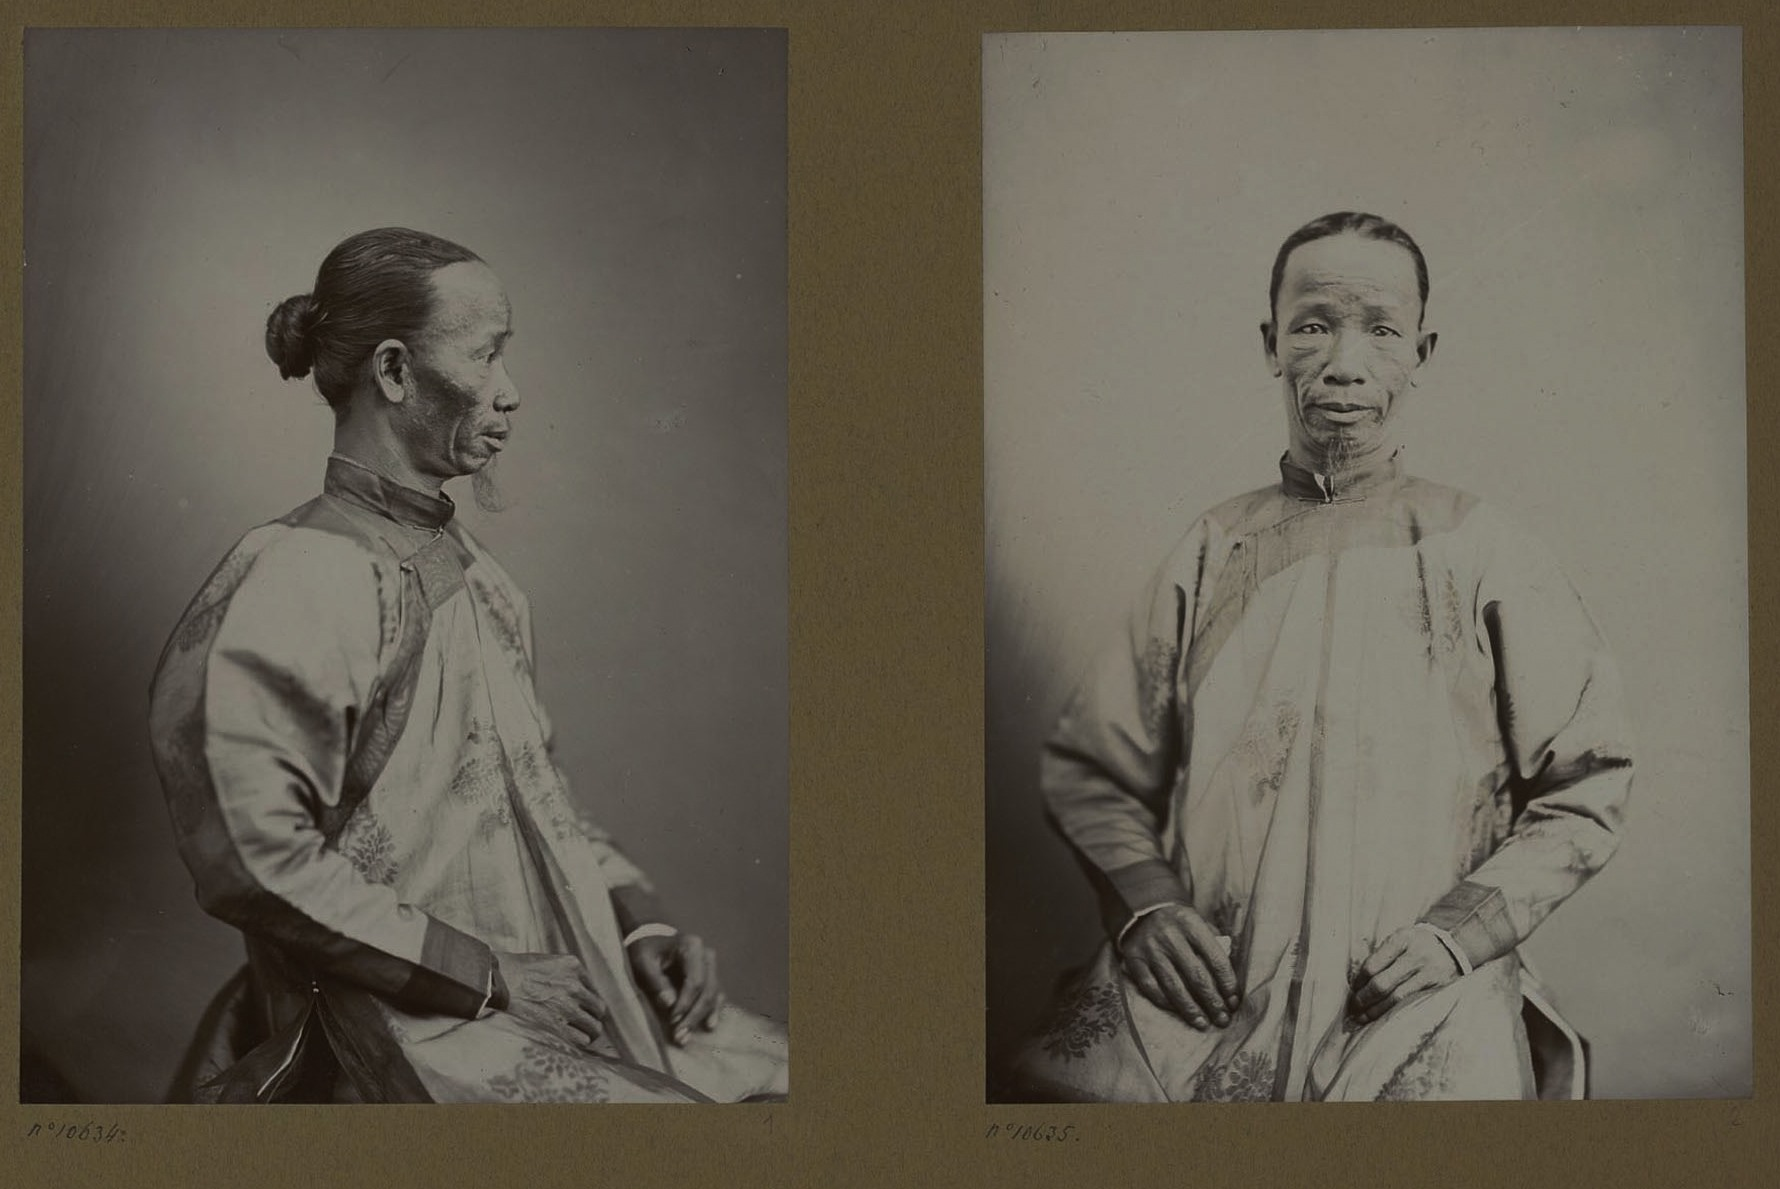 Quan võ tòng ngũ phẩm Trương Văn Thế, thành viên Sứ đoàn, quê Quảng Nam được chụp 2 bức chân dung nghiêng và thẳng trong trang phục áo dài ngũ thân.